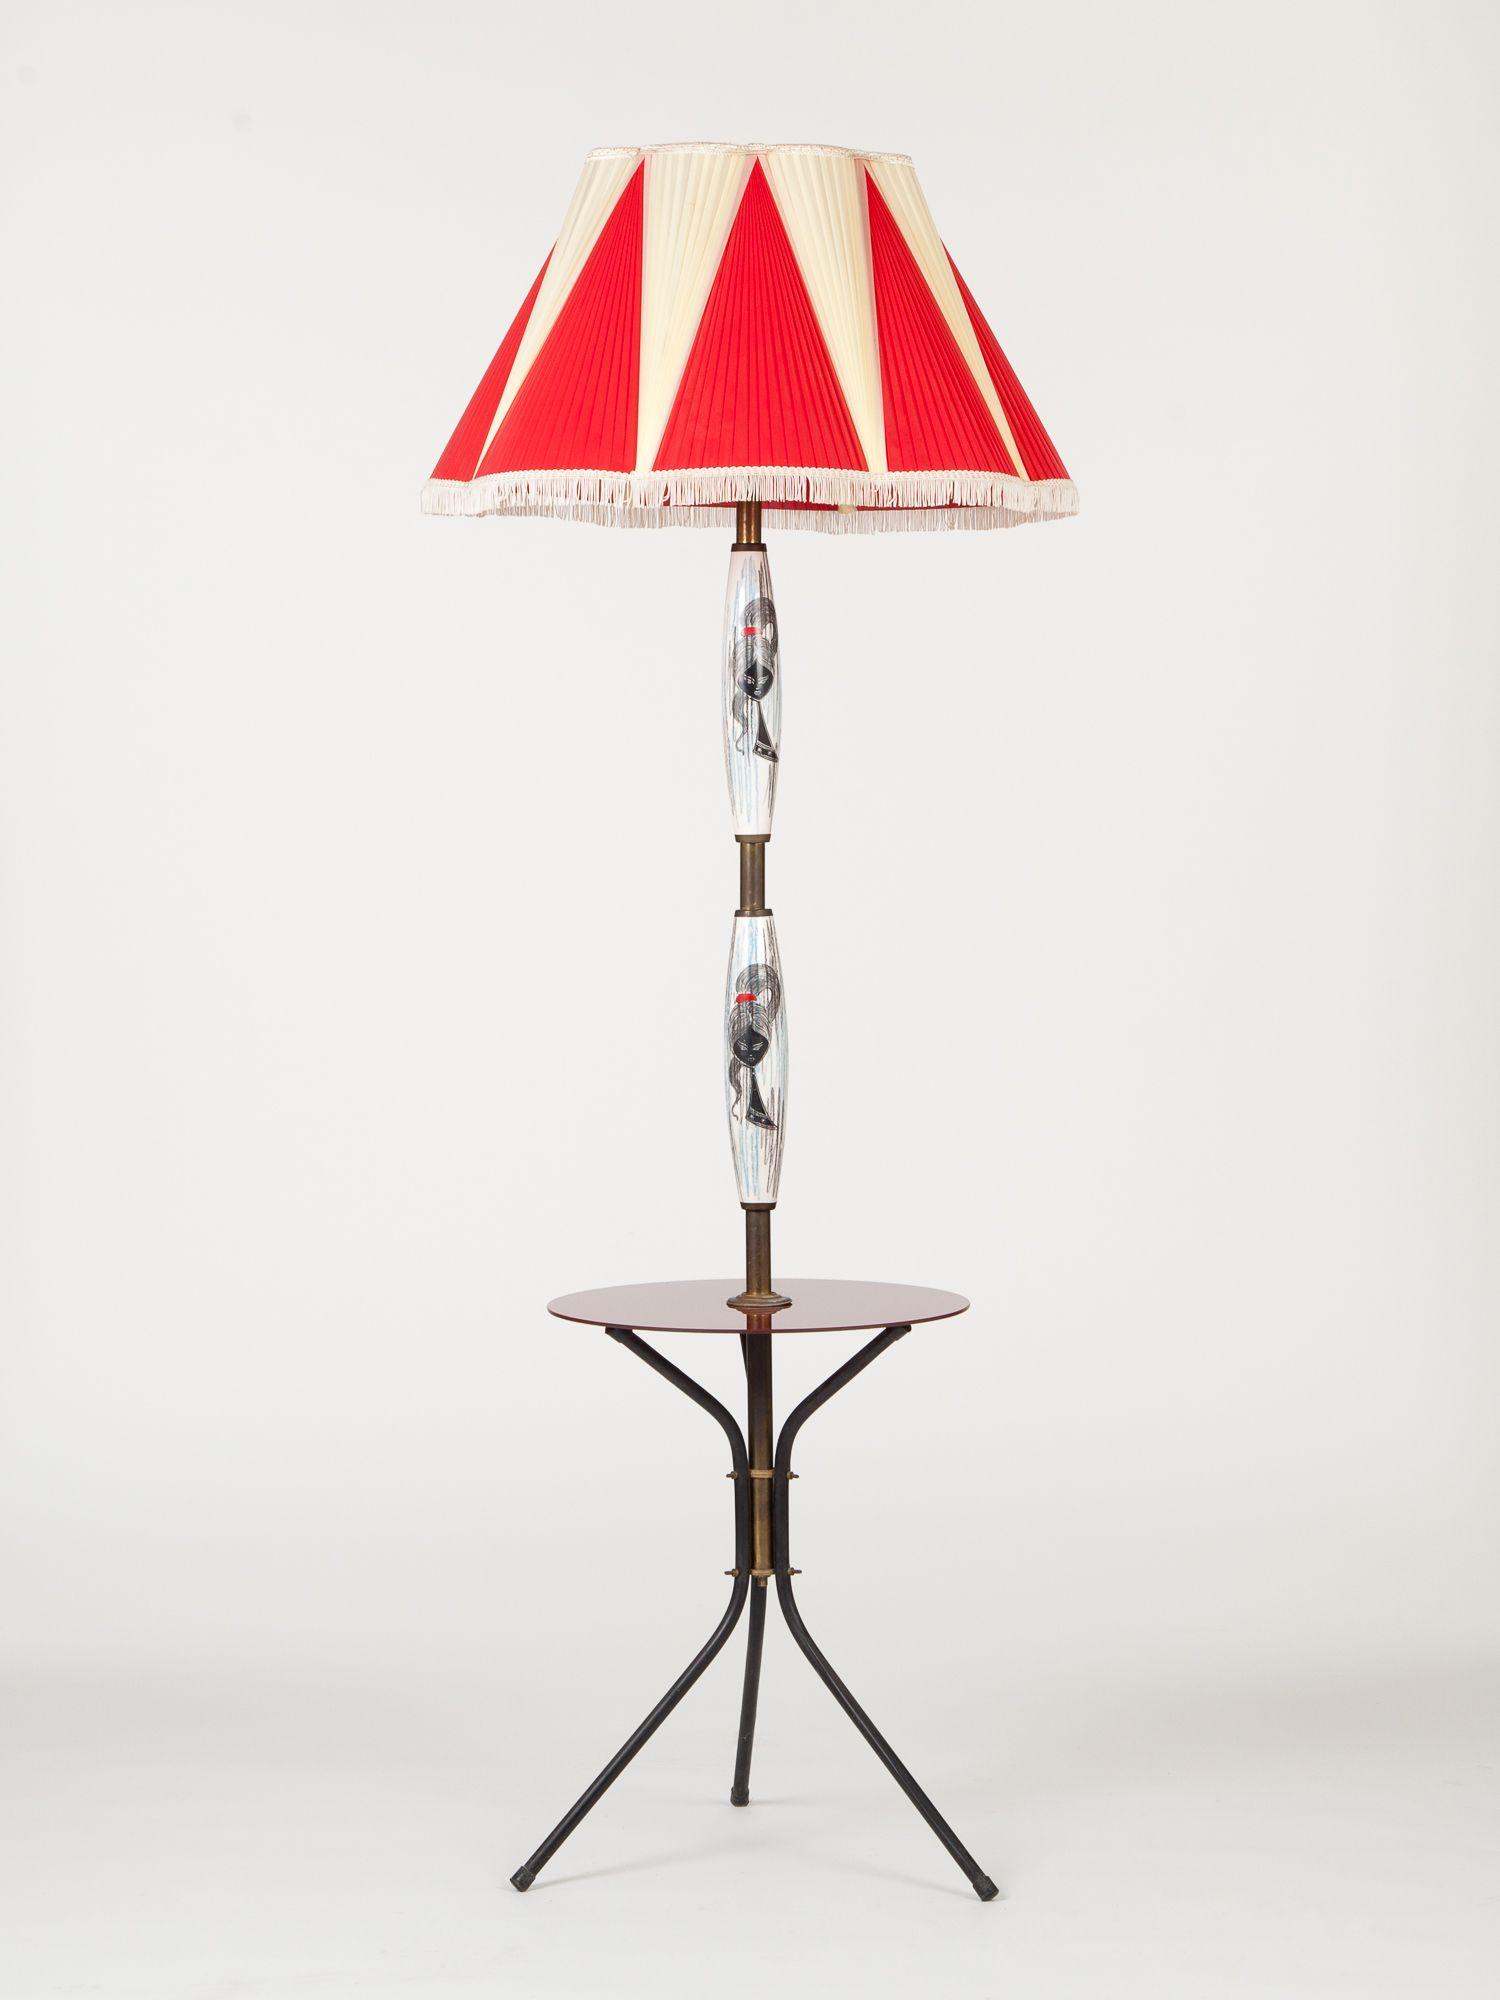 Lampada da terra anni '60 con paralume bicolore